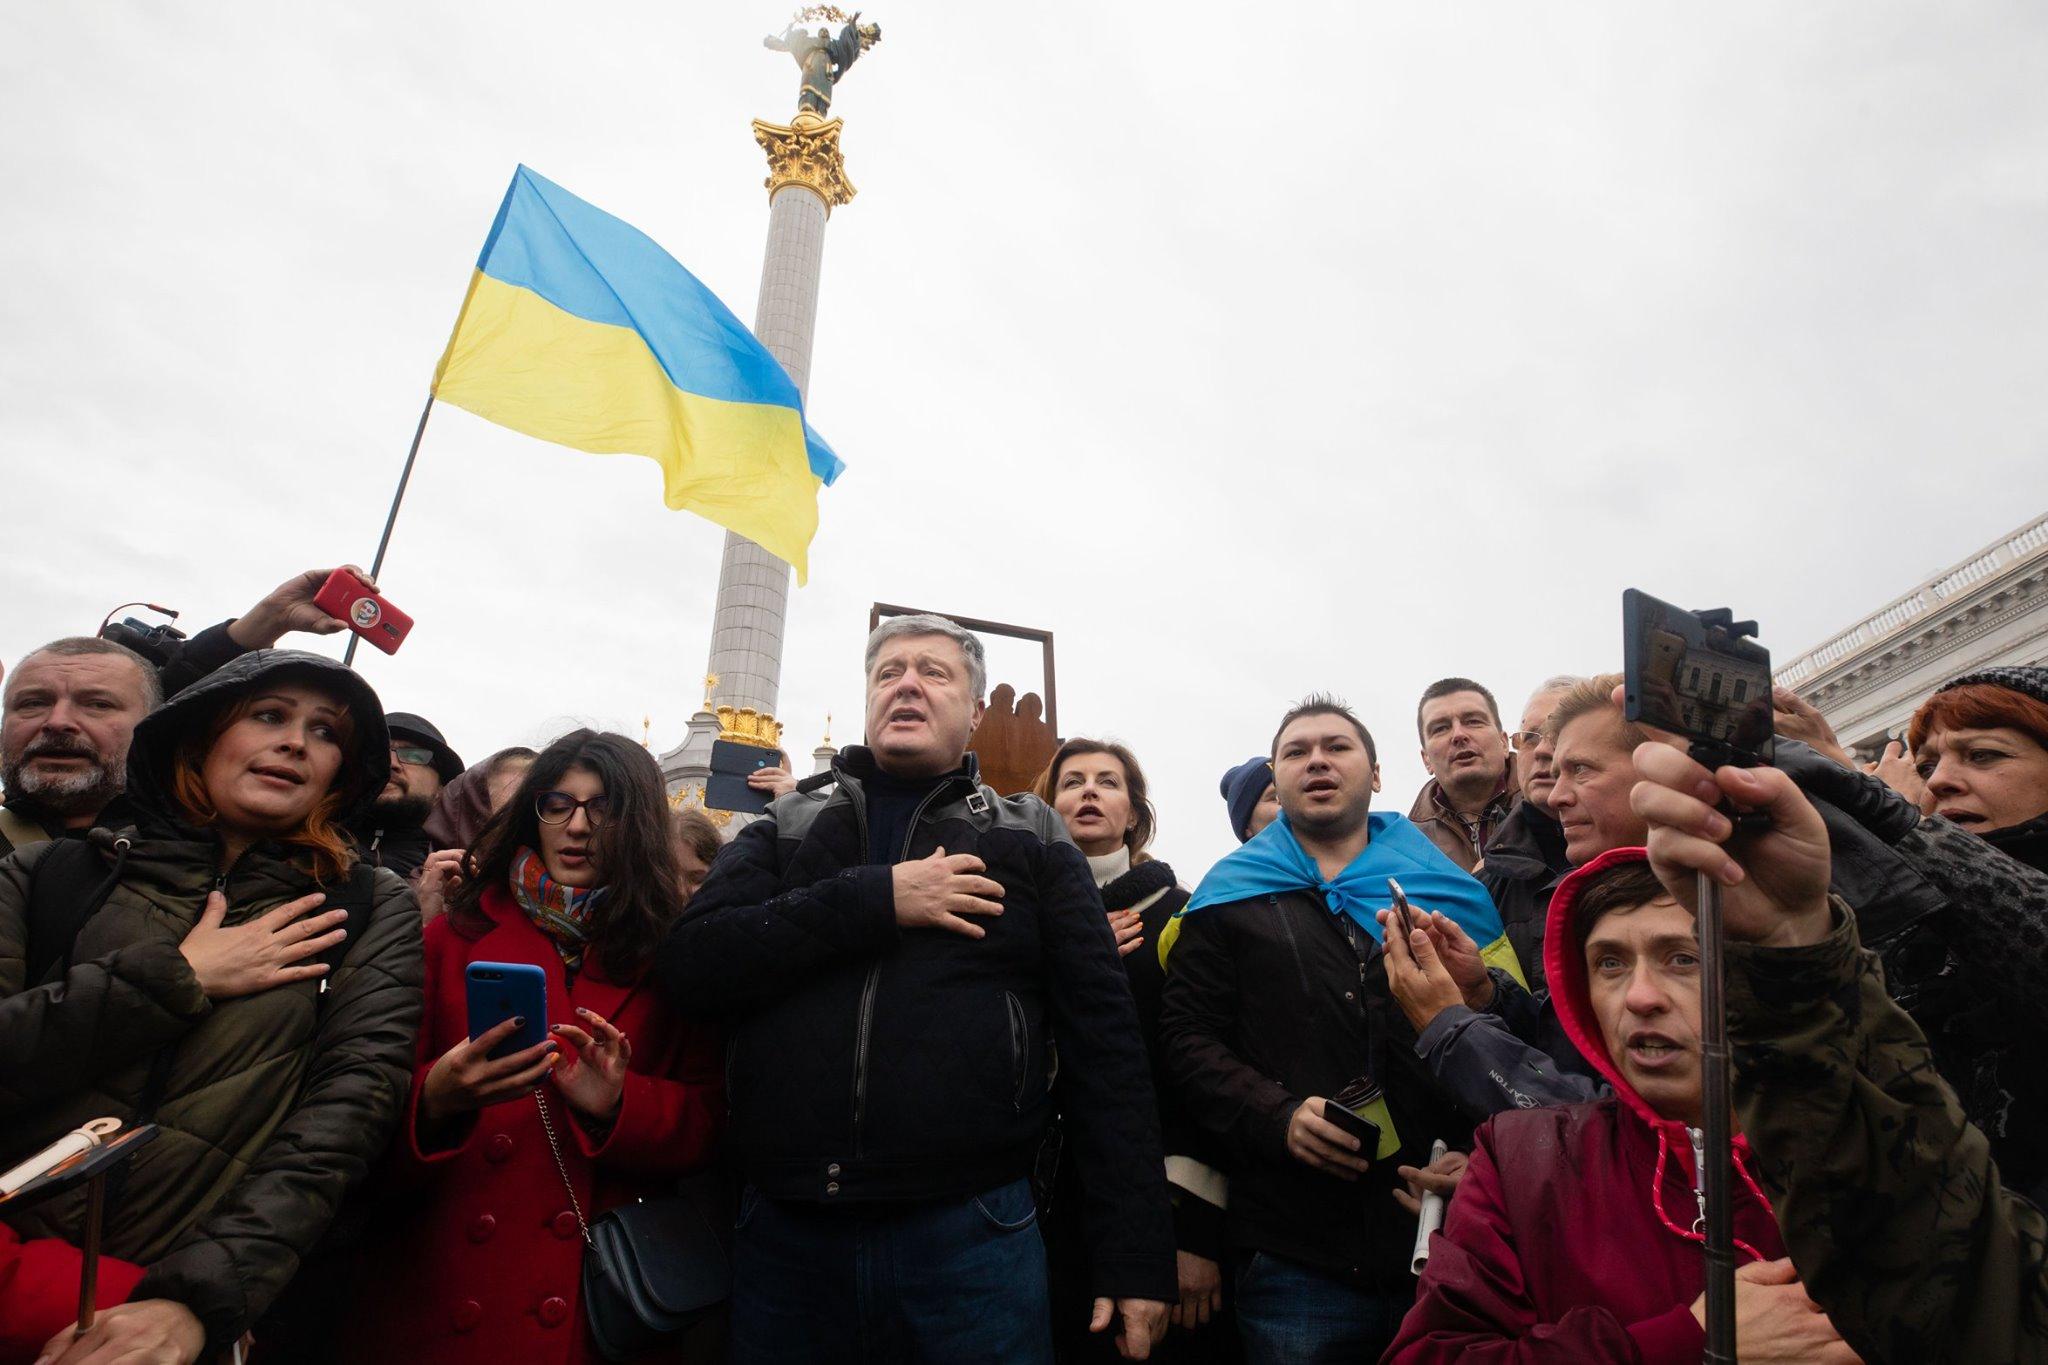 Петро Порошенко з дружиною на акцыъ протесту Ні капітуляції! , 6 жовтня 2019 року